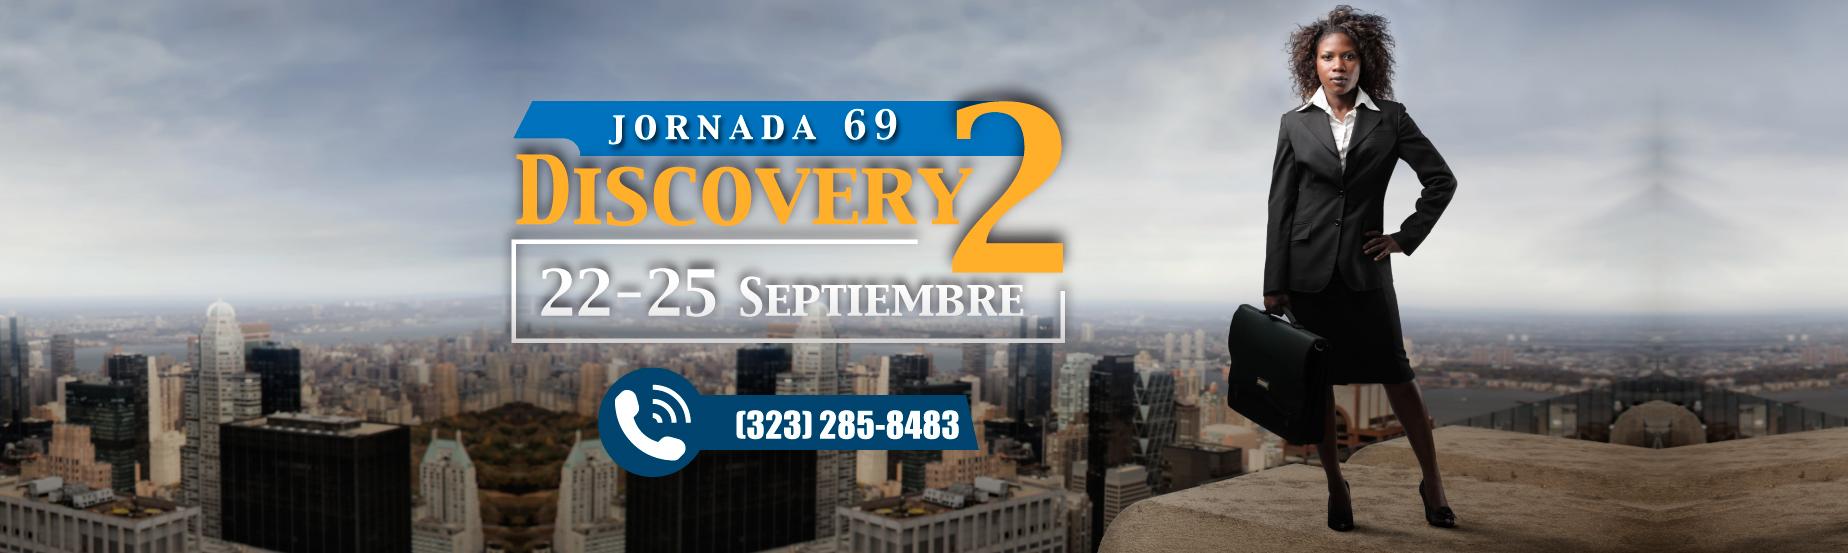 BannerDiscovery-D2-69